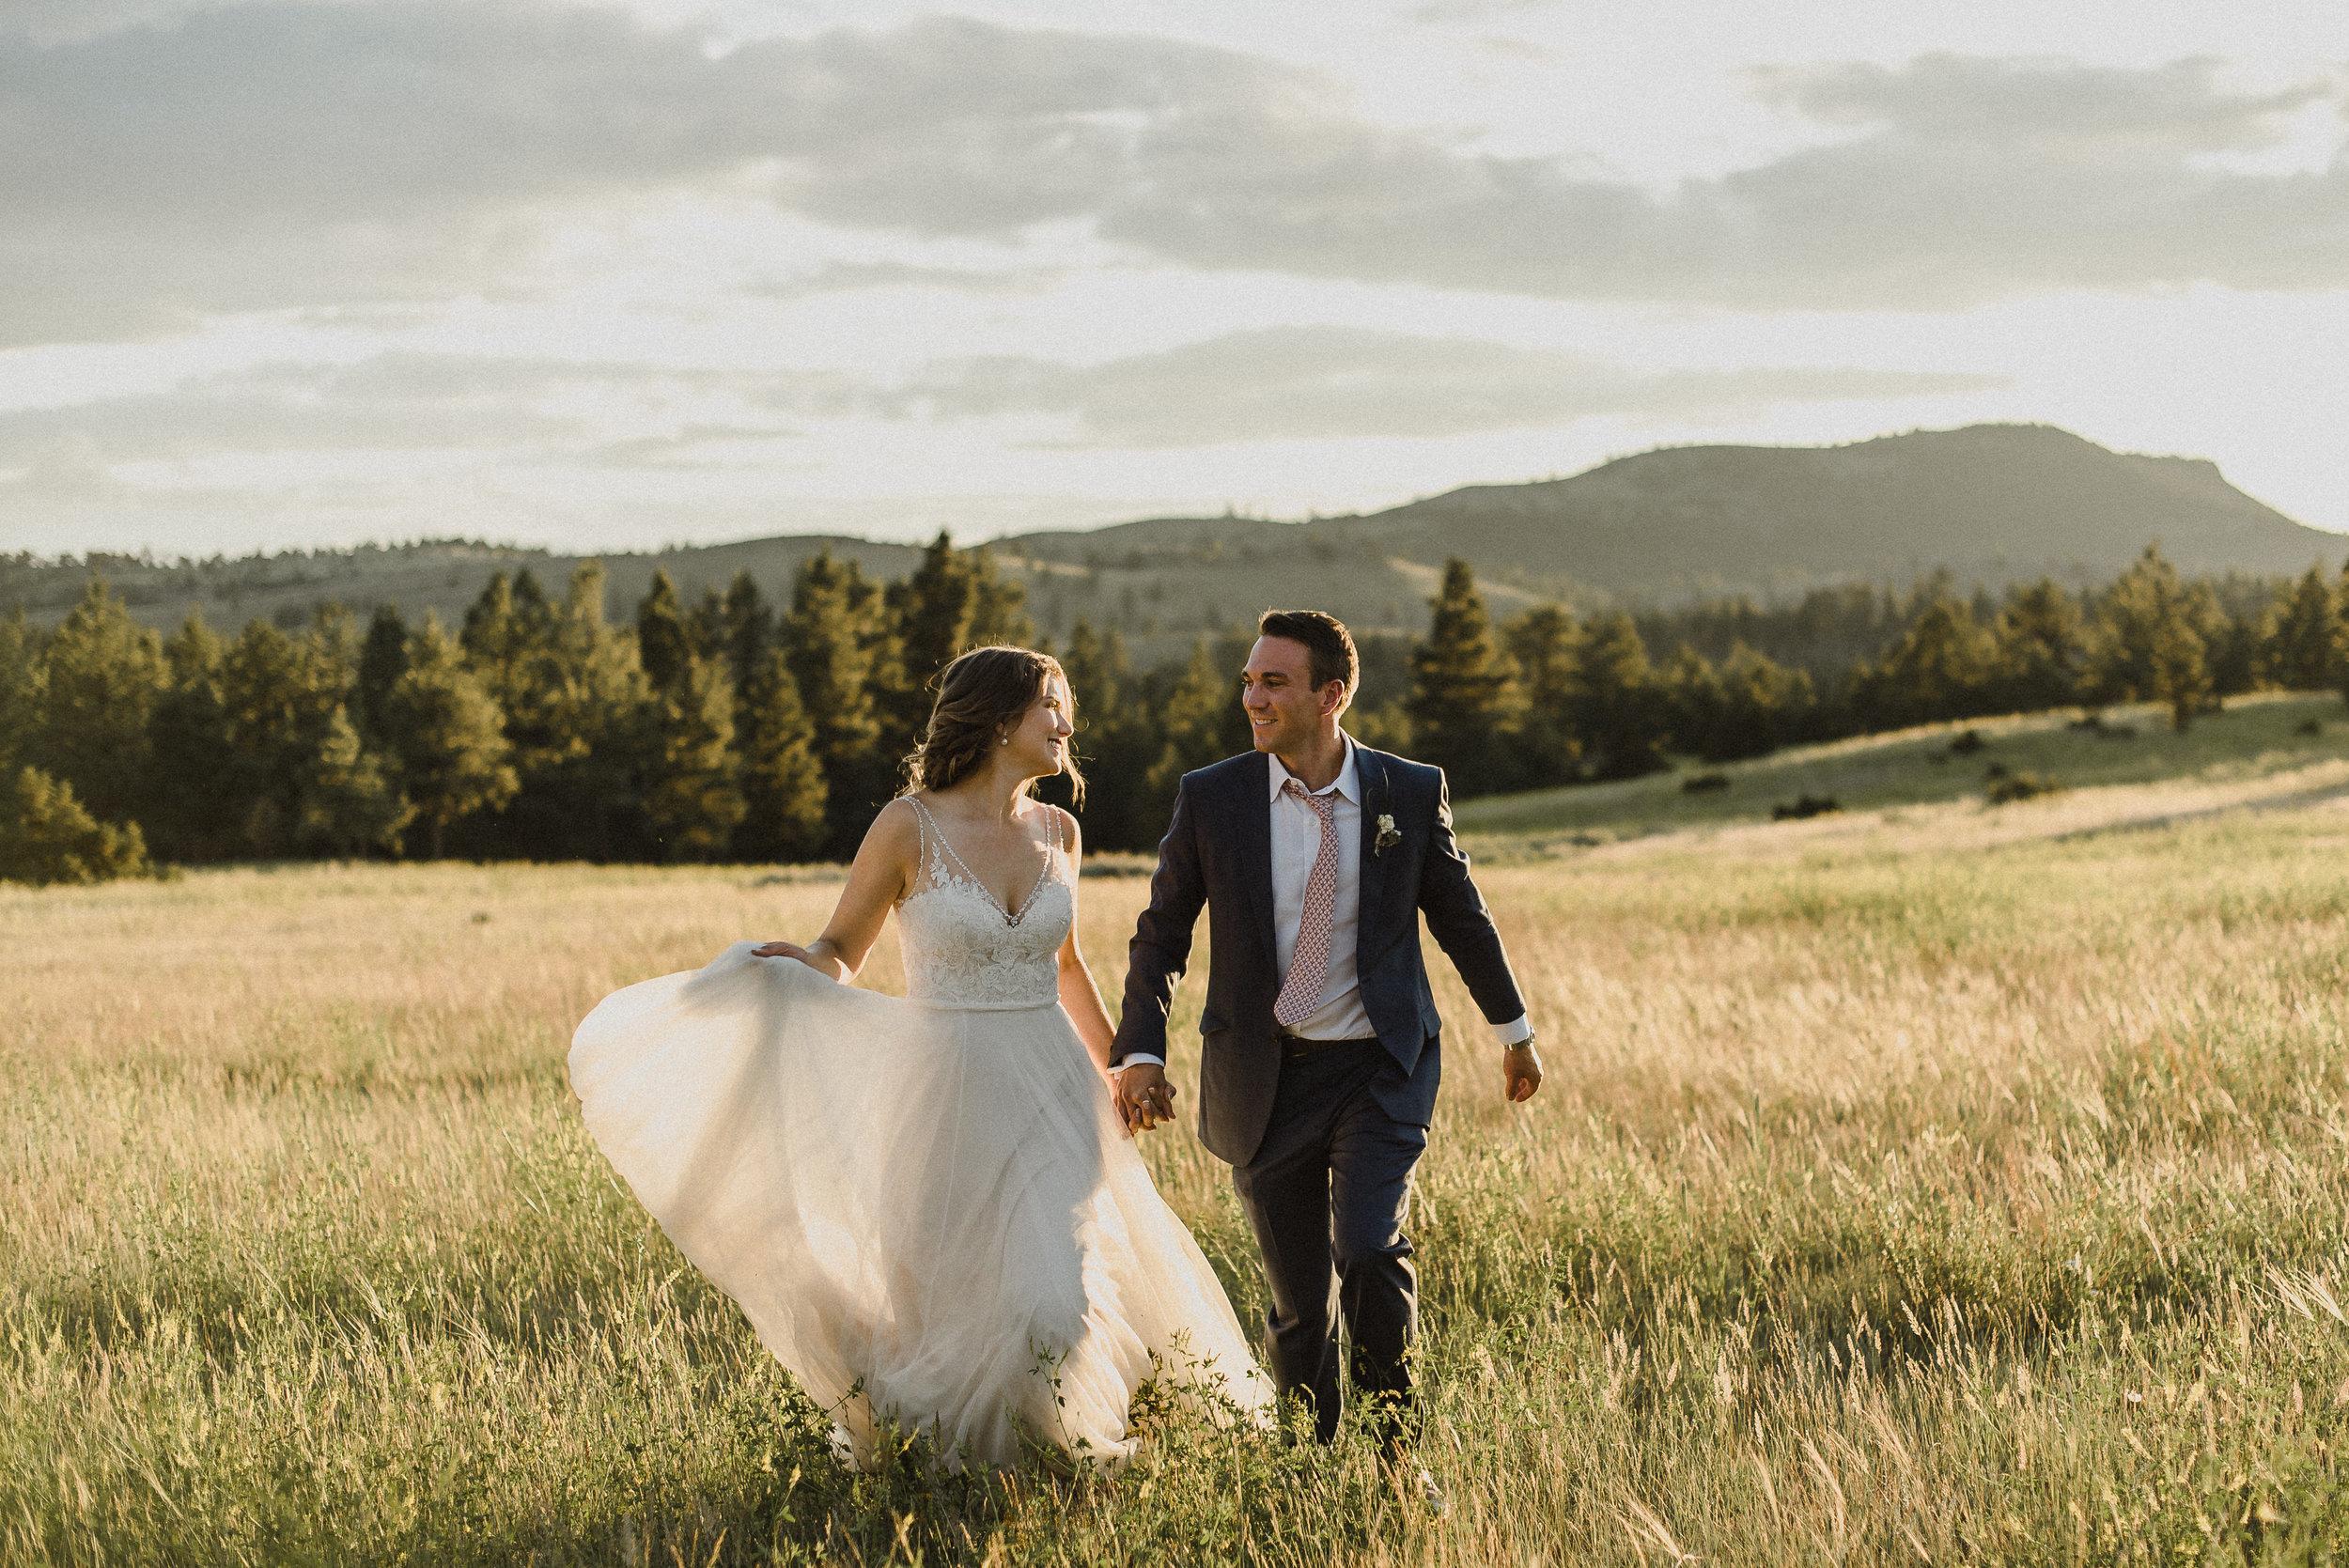 sunset photography at montana wedding